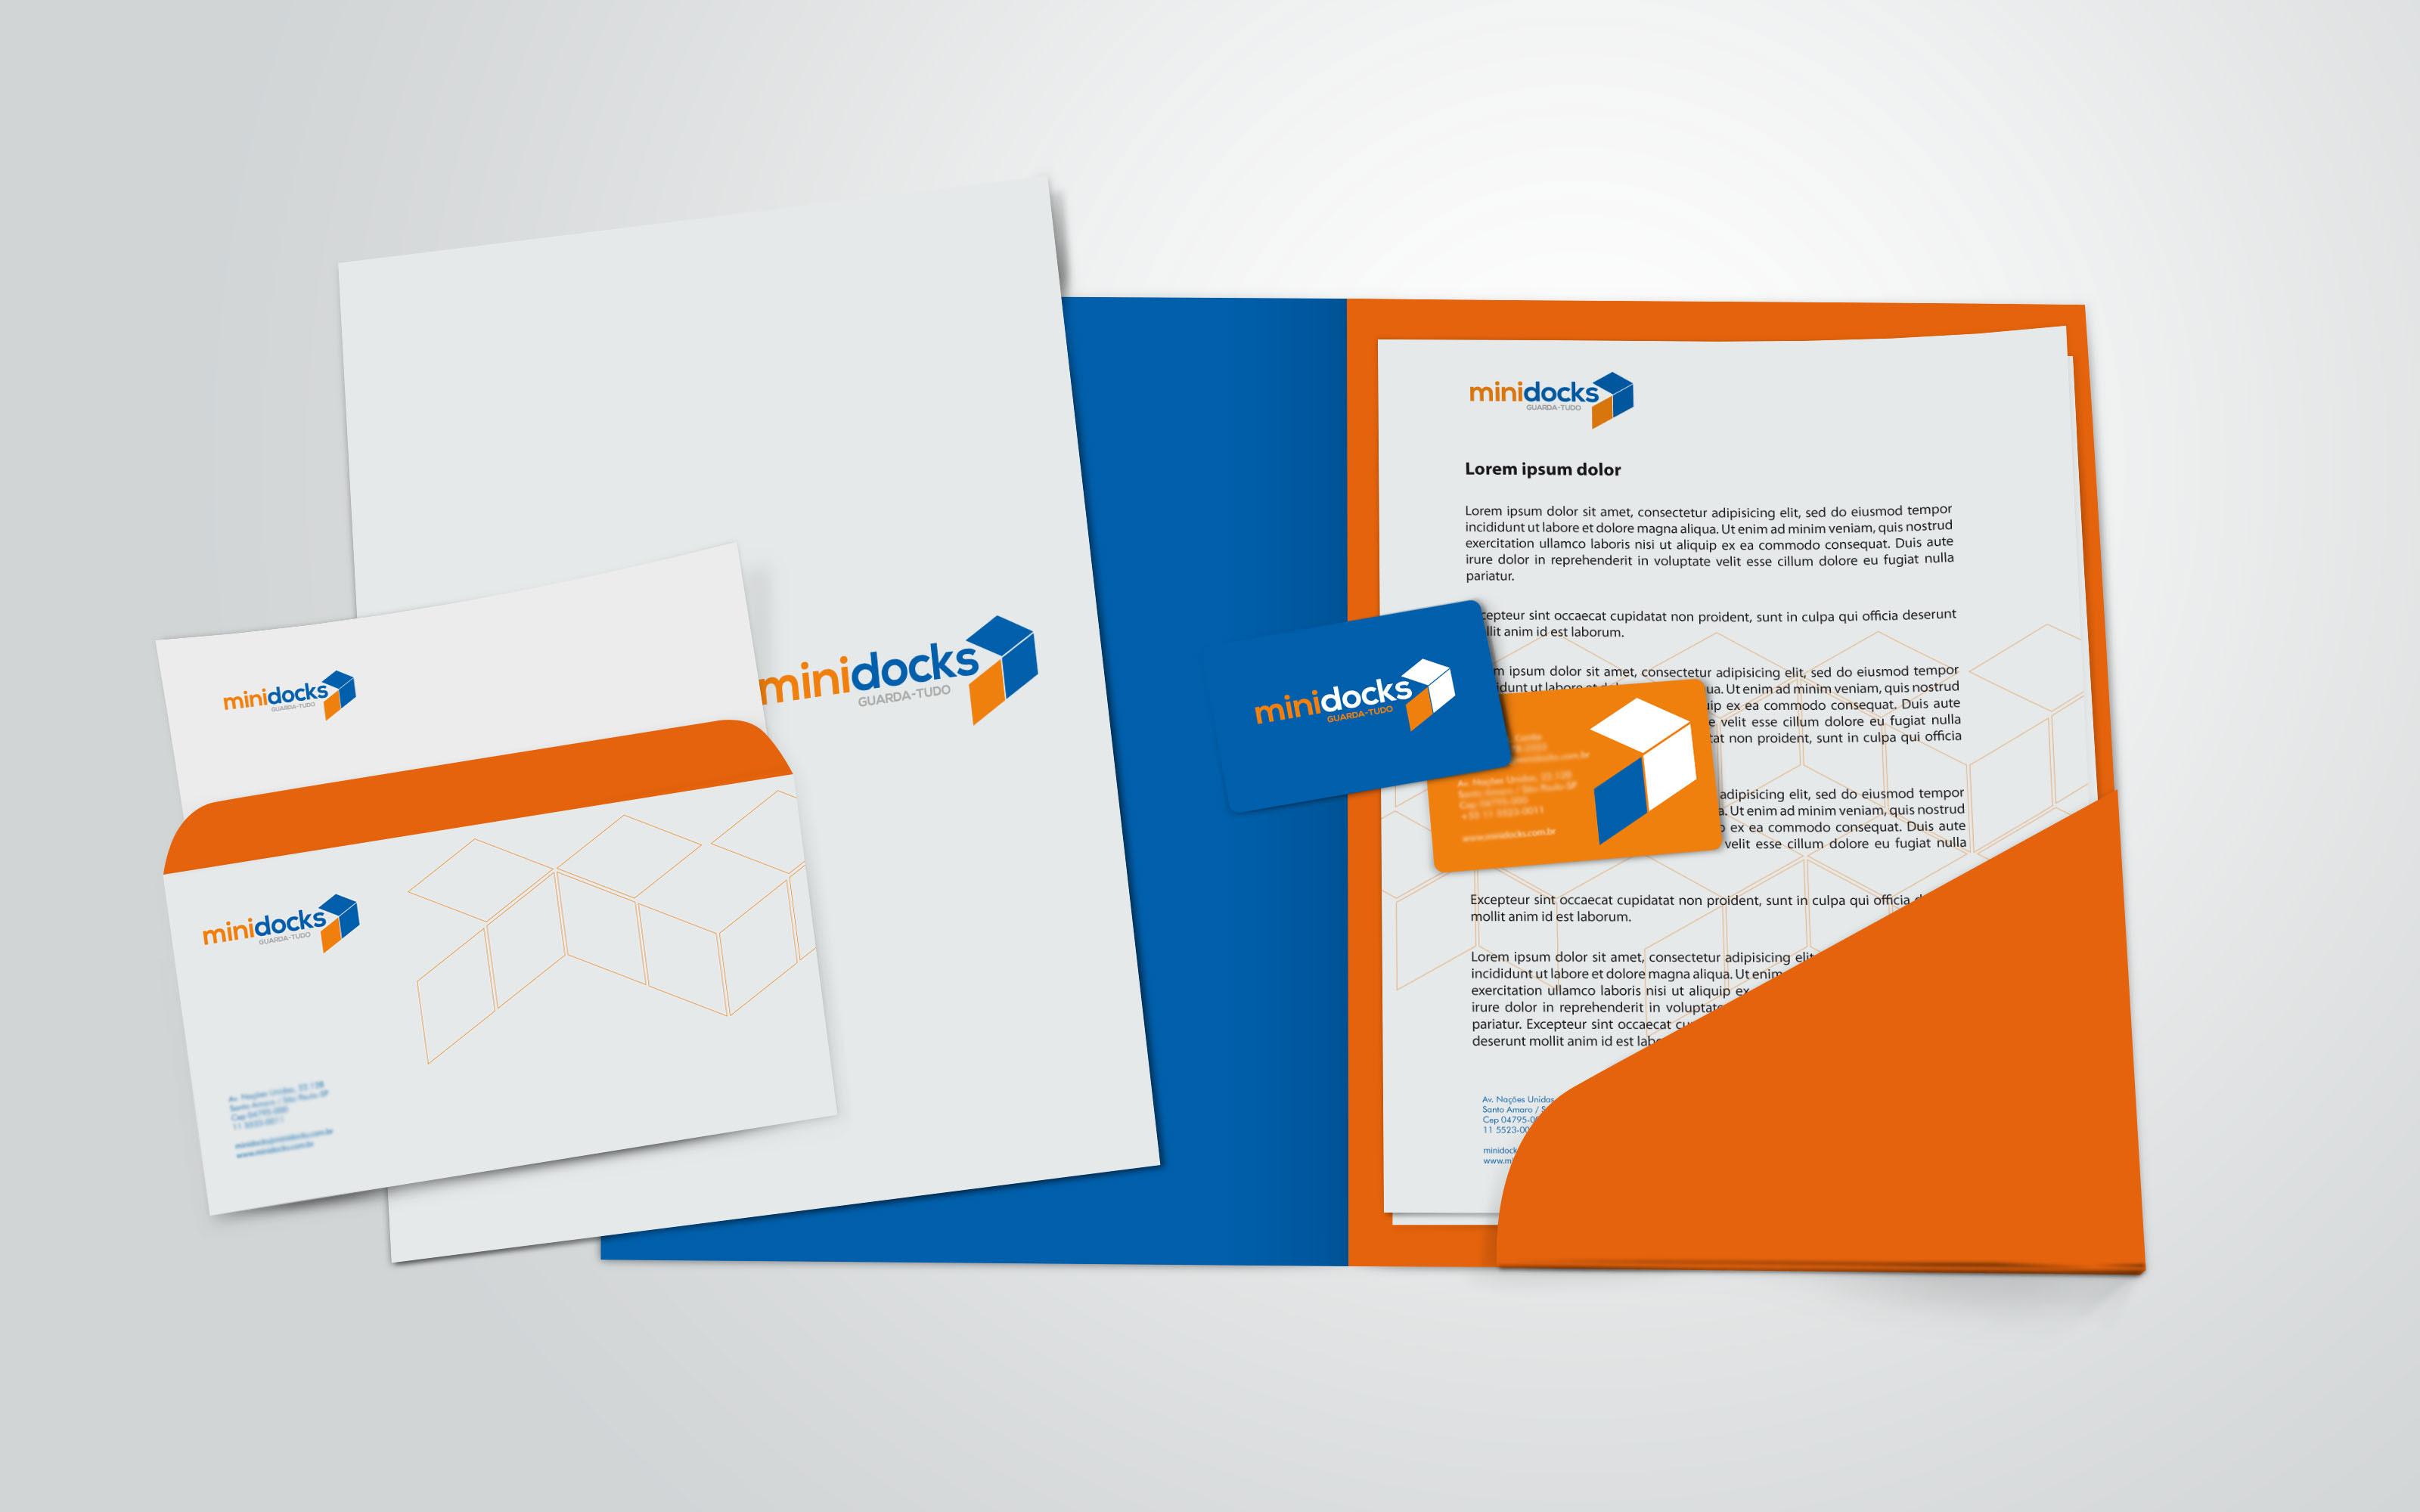 O3 Design - minidocks Corporate Stationery